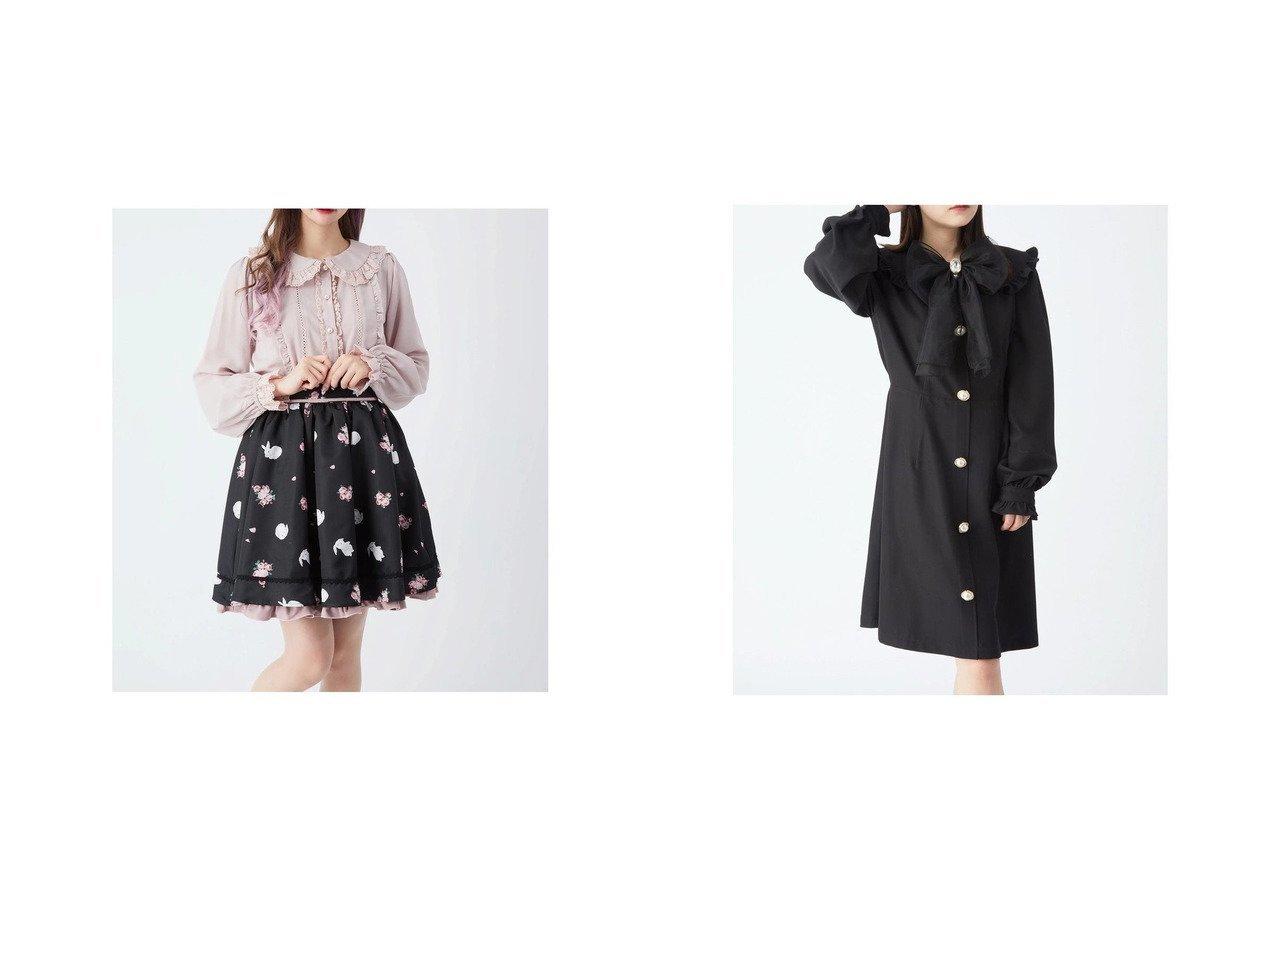 【Ank Rouge/アンクルージュ】のRoseBunnyスカート&オーガンジーリボンワンピース Ank Rougeのおすすめ!人気、トレンド・レディースファッションの通販 おすすめで人気の流行・トレンド、ファッションの通販商品 メンズファッション・キッズファッション・インテリア・家具・レディースファッション・服の通販 founy(ファニー) https://founy.com/ ファッション Fashion レディースファッション WOMEN スカート Skirt ワンピース Dress 2021年 2021 2021 春夏 S/S SS Spring/Summer 2021 S/S 春夏 SS Spring/Summer ギャザー フリル 春 Spring |ID:crp329100000018500